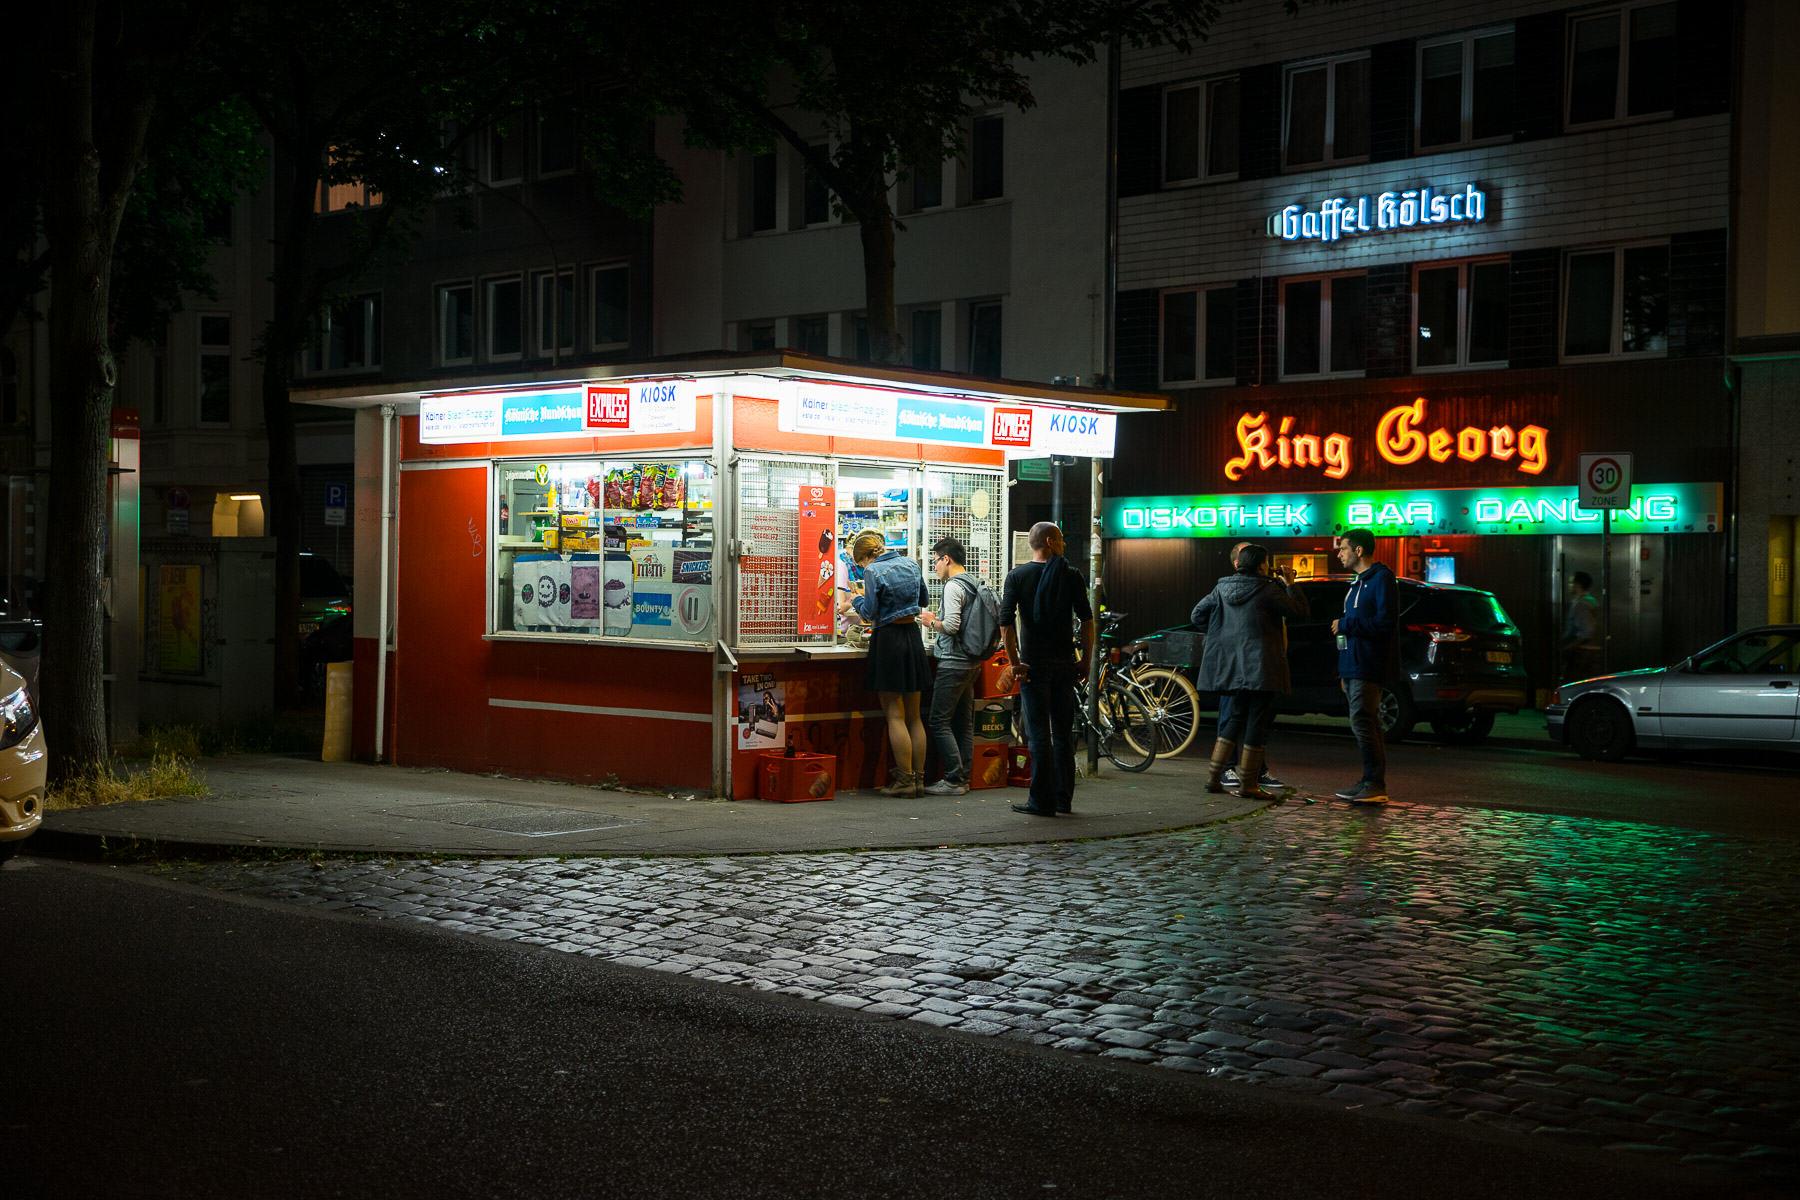 Seidaris-Fotografie-Cologne-Koelner_Lichter-Canon_A7ii_Metabones_Adapter_2016-6